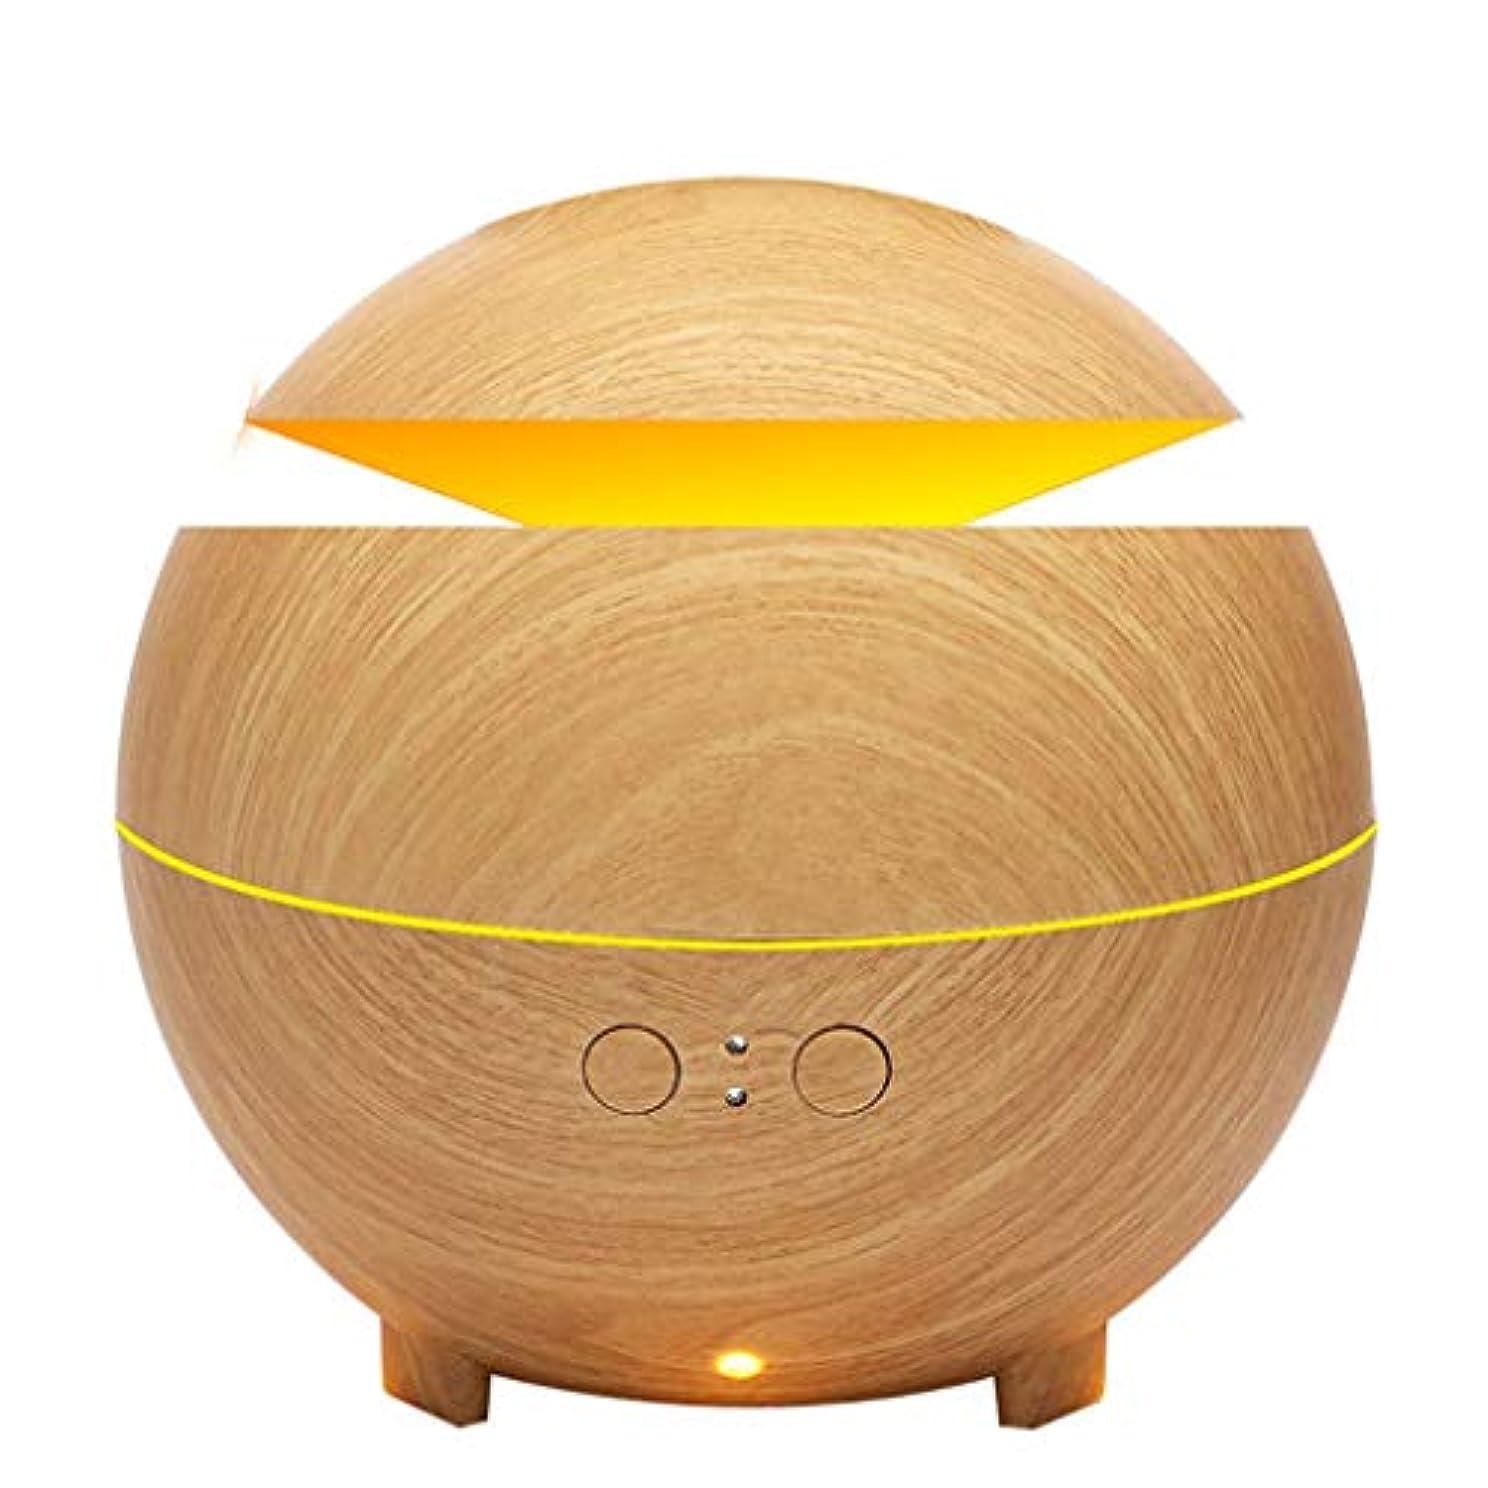 セマフォ仲間明るい加湿器、ウッドグレイン超音波加湿器アロマテラピーマシン、usbサイレント寝室香ランププラグイン電気香、ライトウッドグレイン (色 : B)